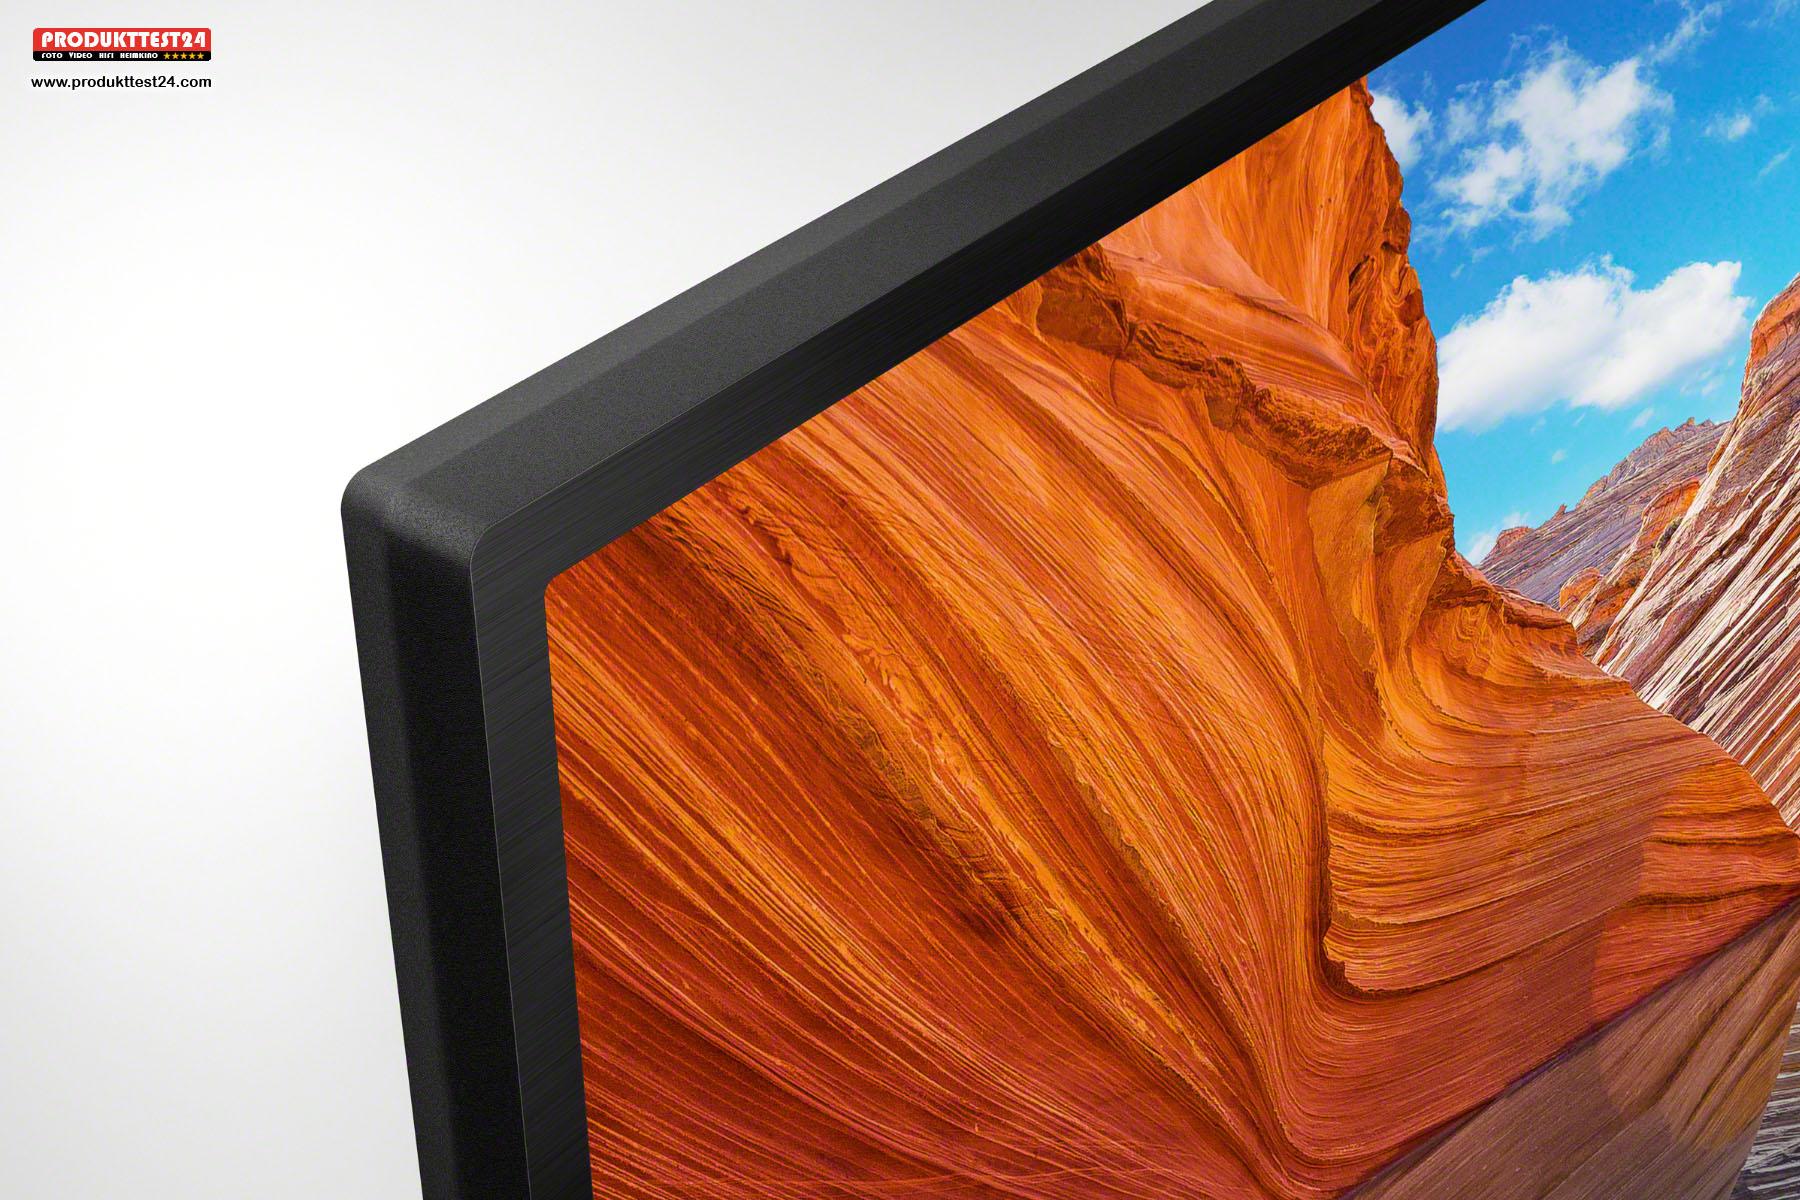 Das Display schließt mit dem Rahmen bündig ab. Der Sony KD-50X80J